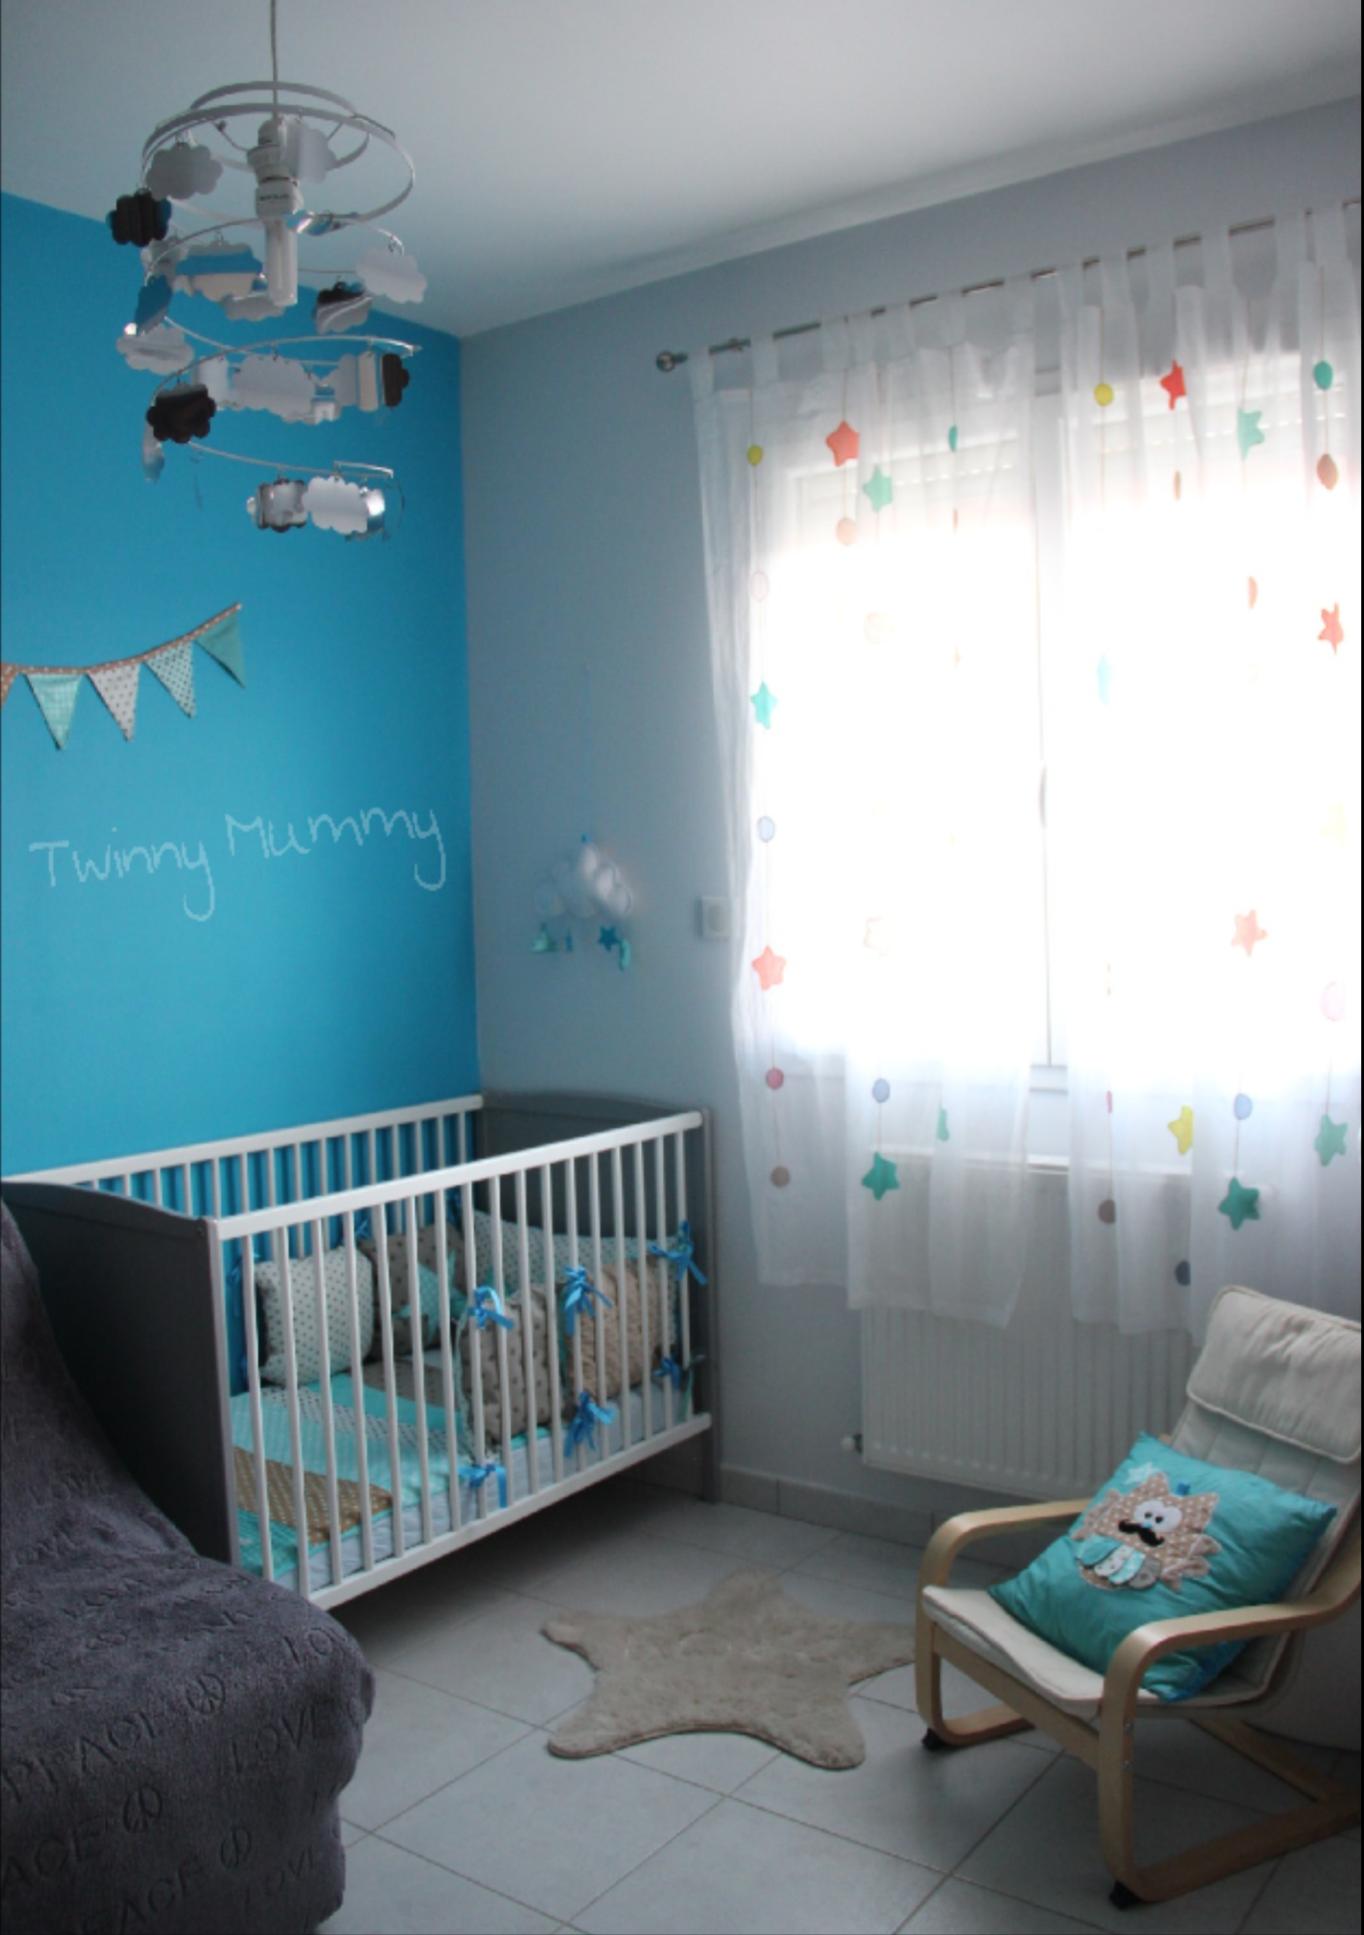 La chambre de b b doudoune enimages - Chambre bebe autour de bebe ...